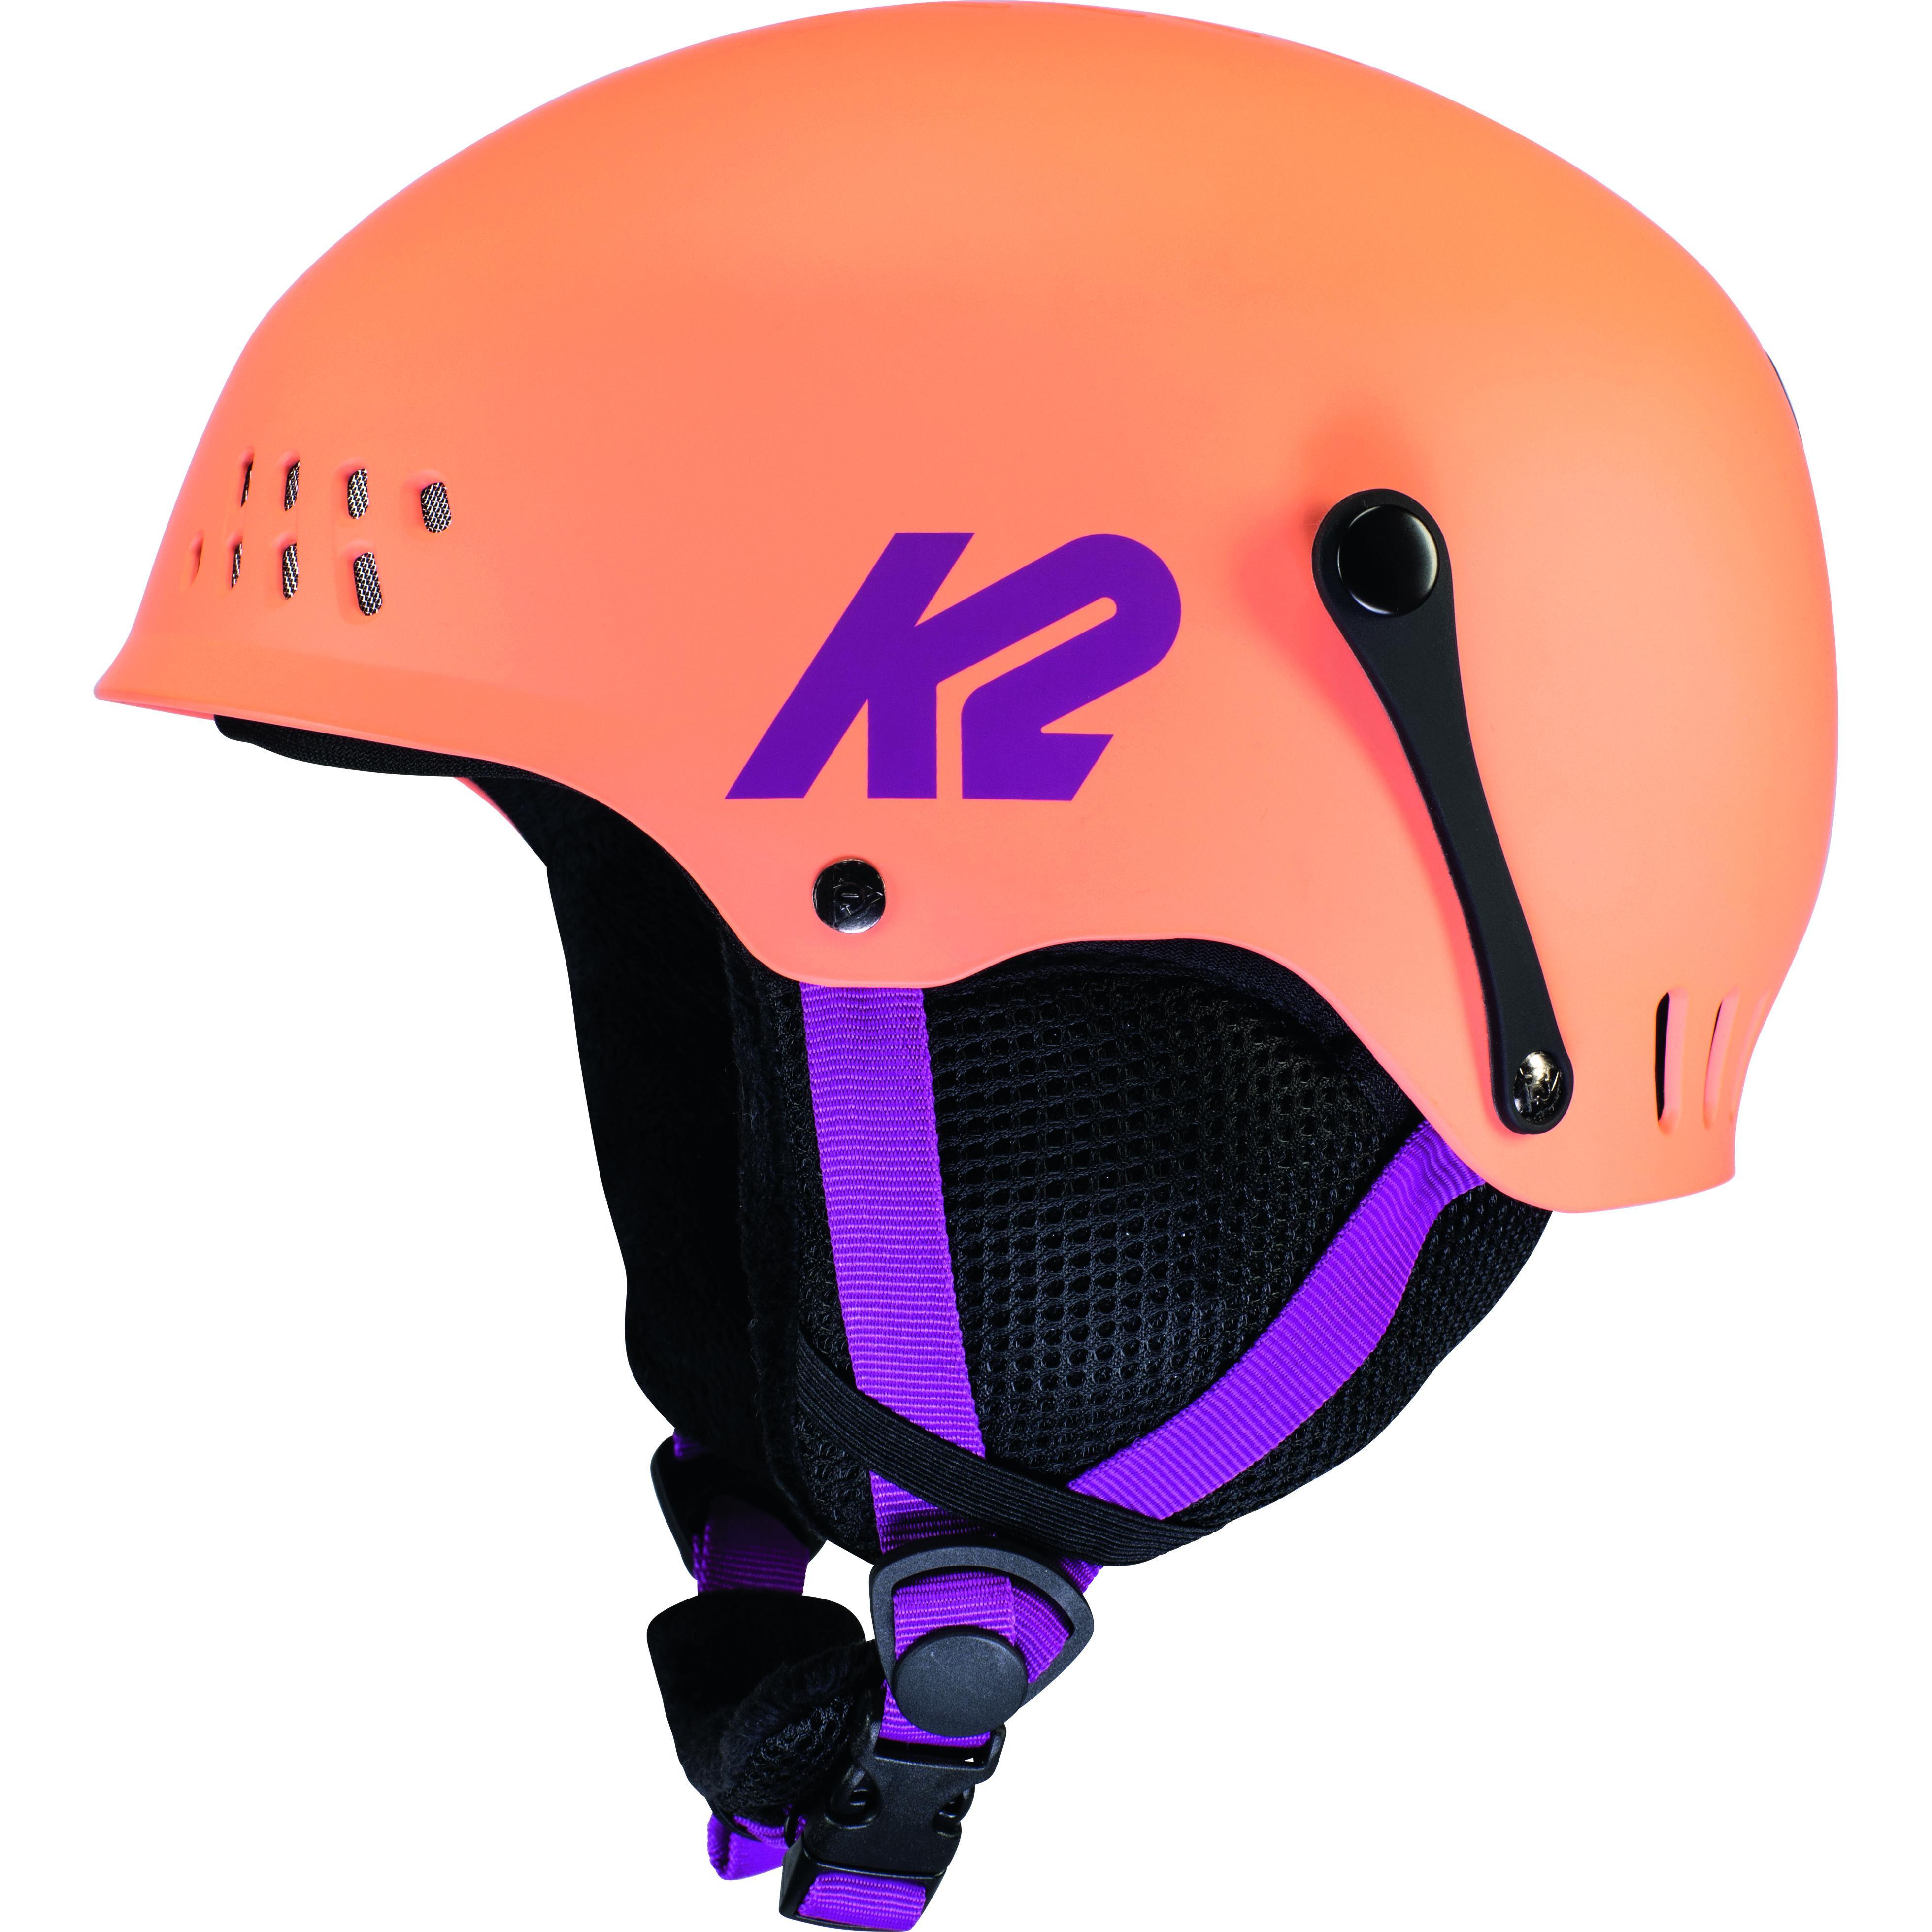 k2 Casque De Ski/snow K2 Entity Coral Fille